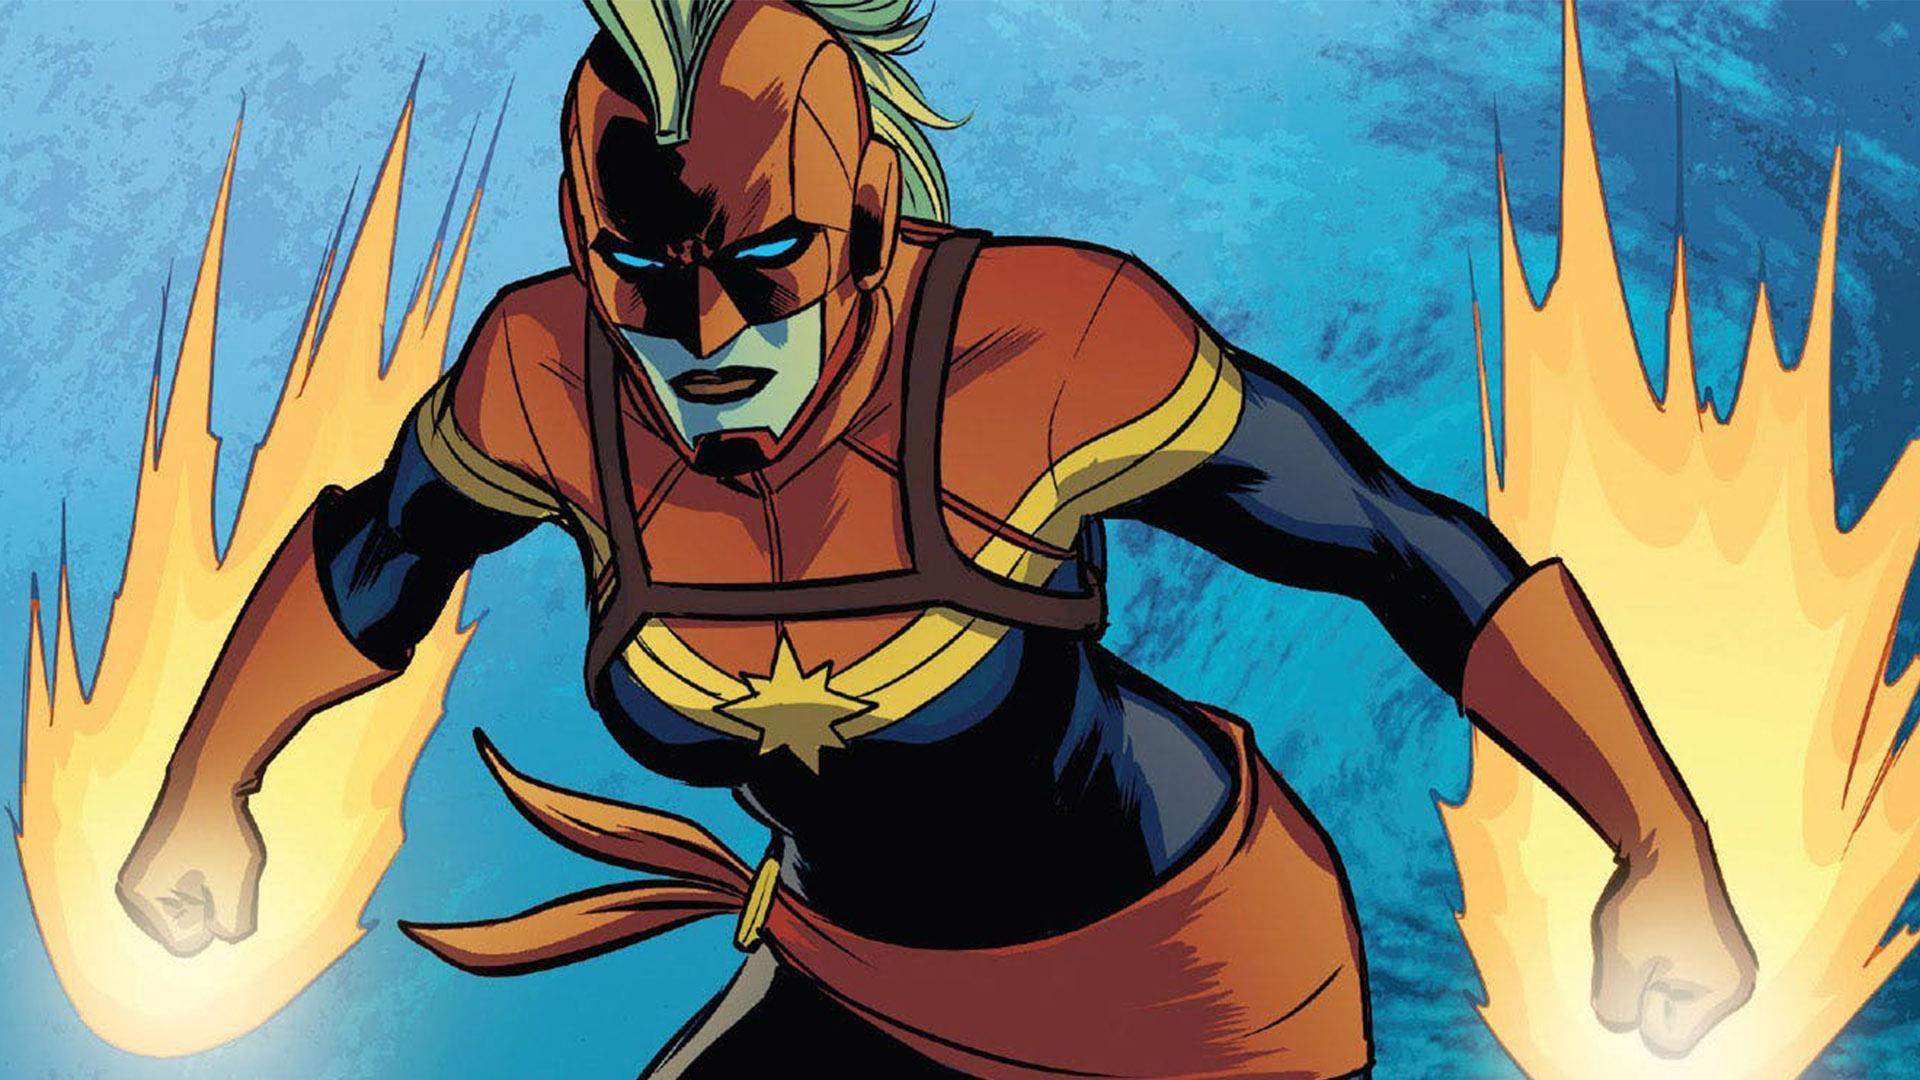 Captain Marvel, Avengers 4